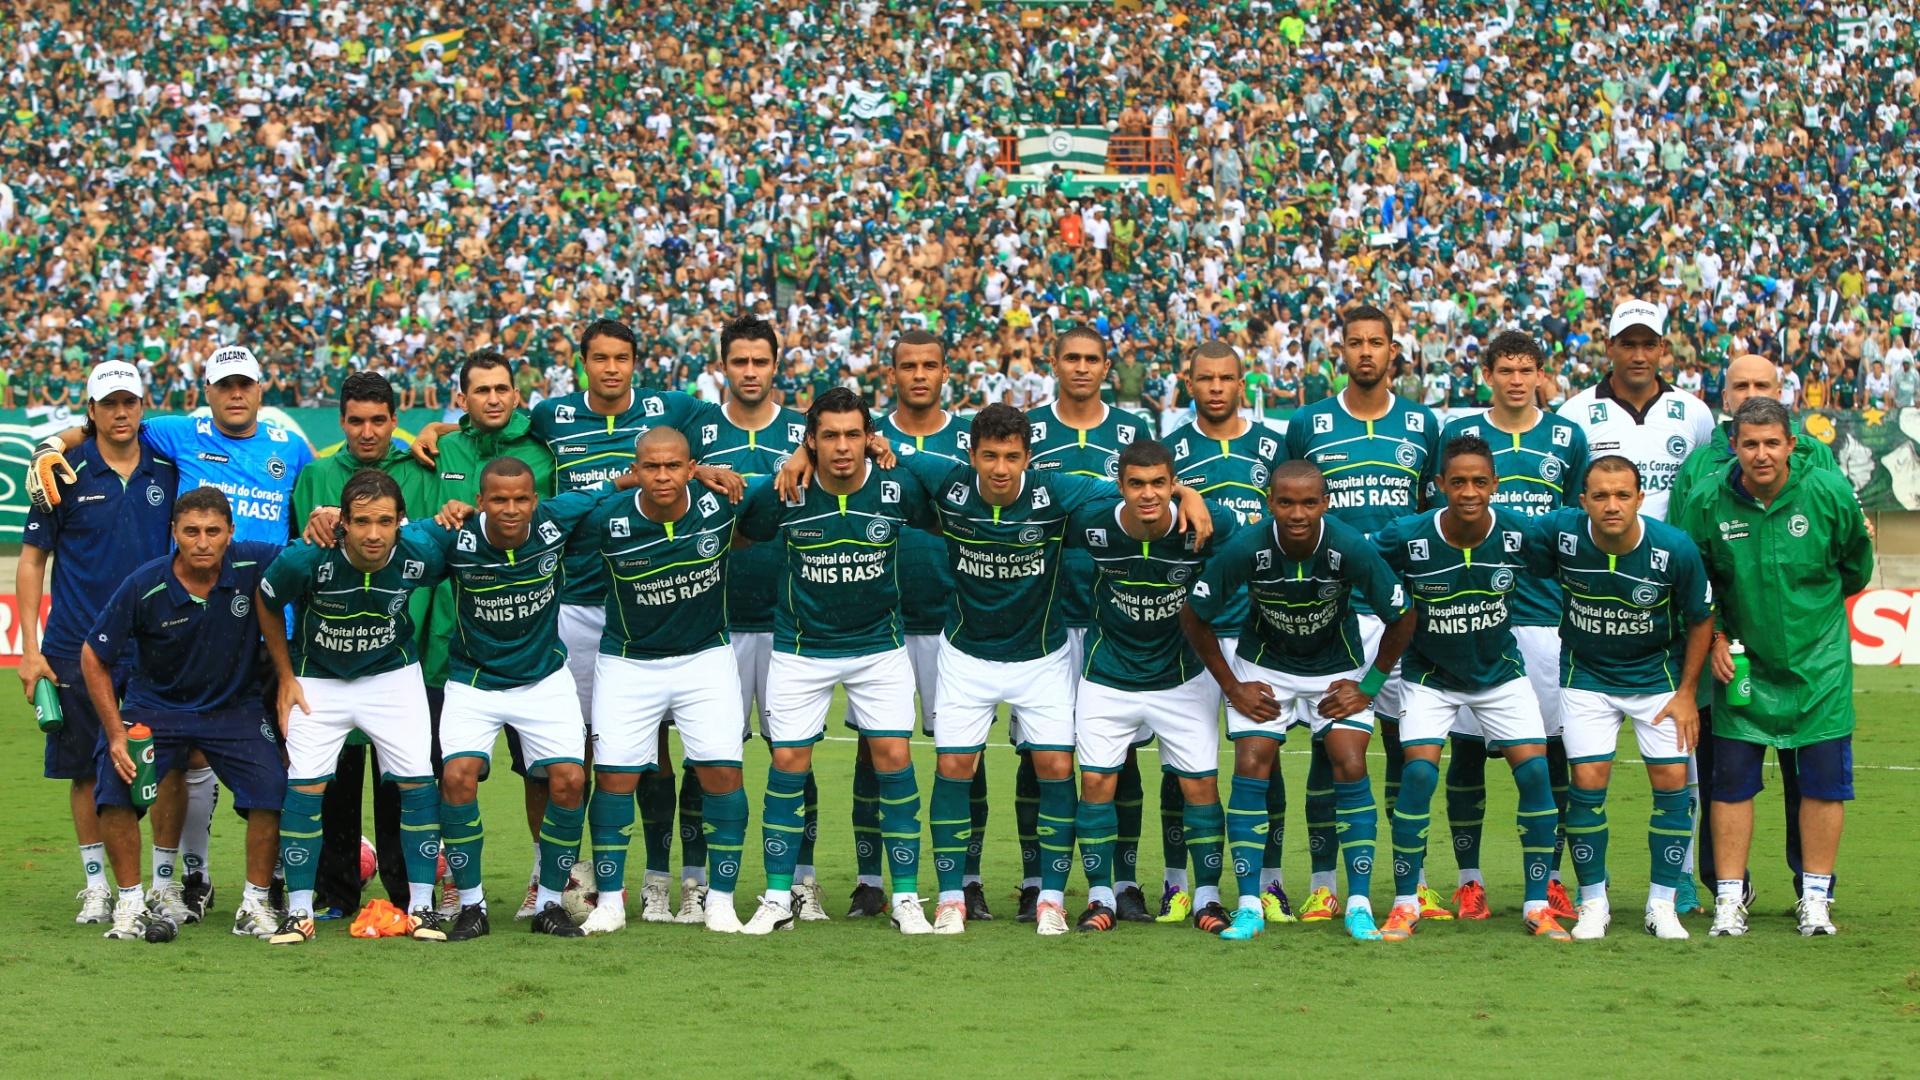 Jogadores do Goias posam para foto antes do jogo contra o Joinville que garantiu o título da Série B de 2012